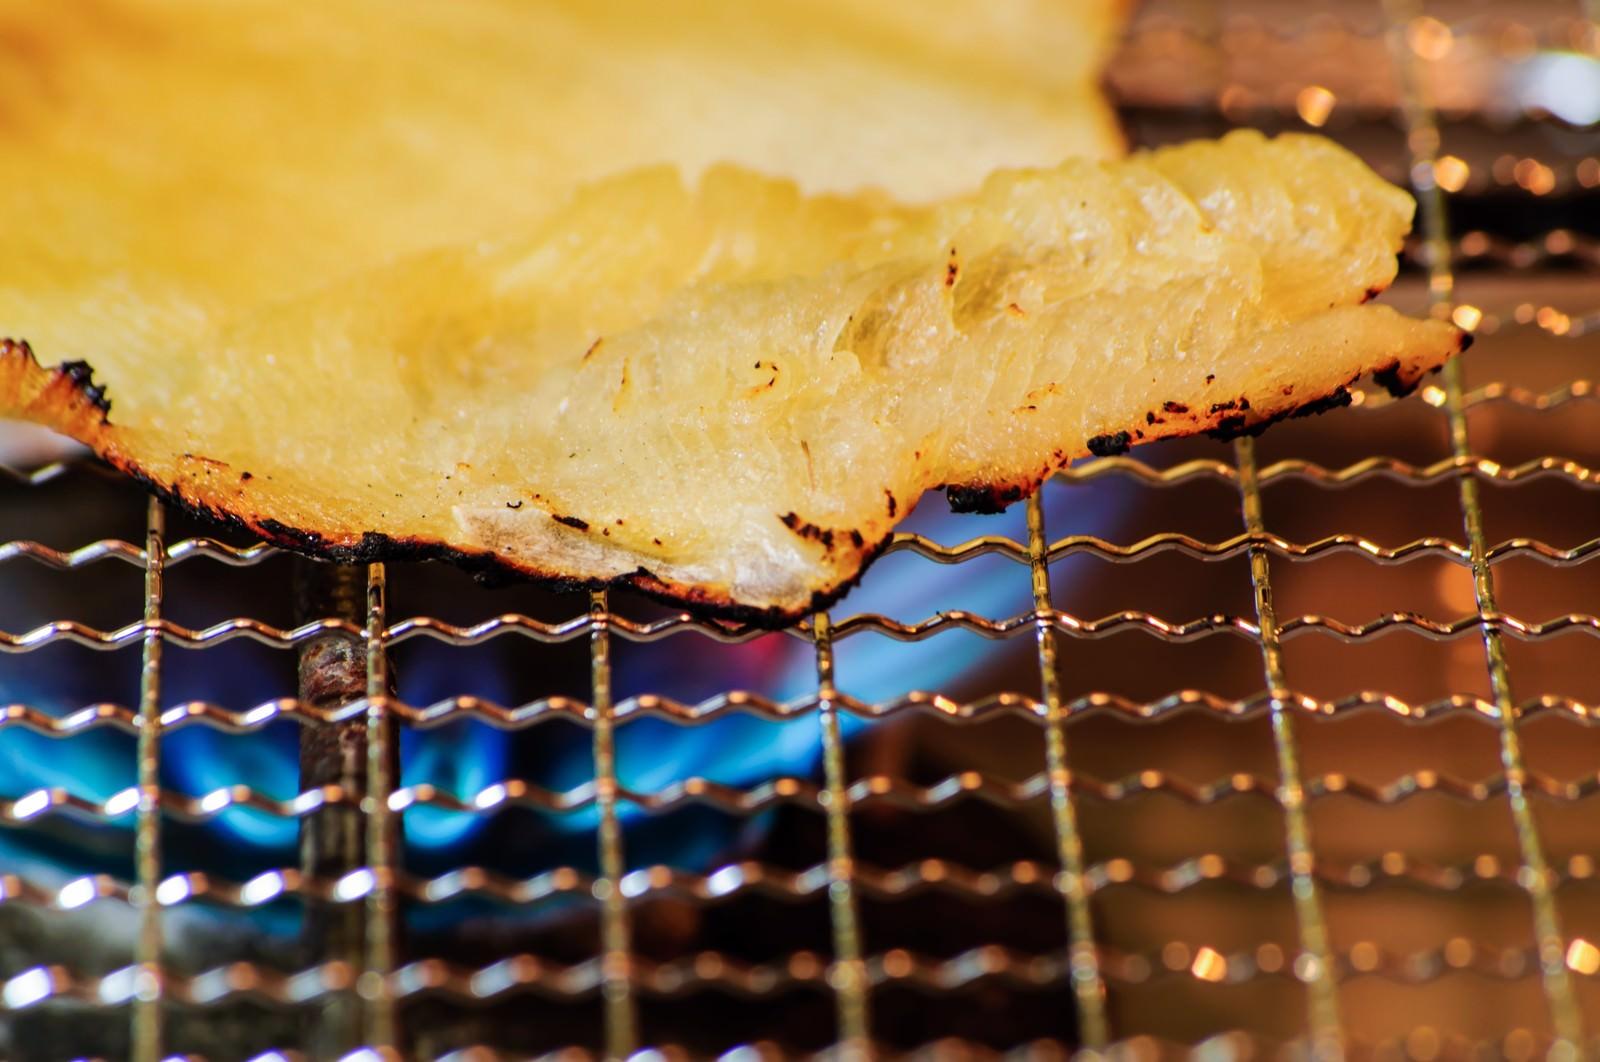 「エイヒレの網焼きエイヒレの網焼き」のフリー写真素材を拡大